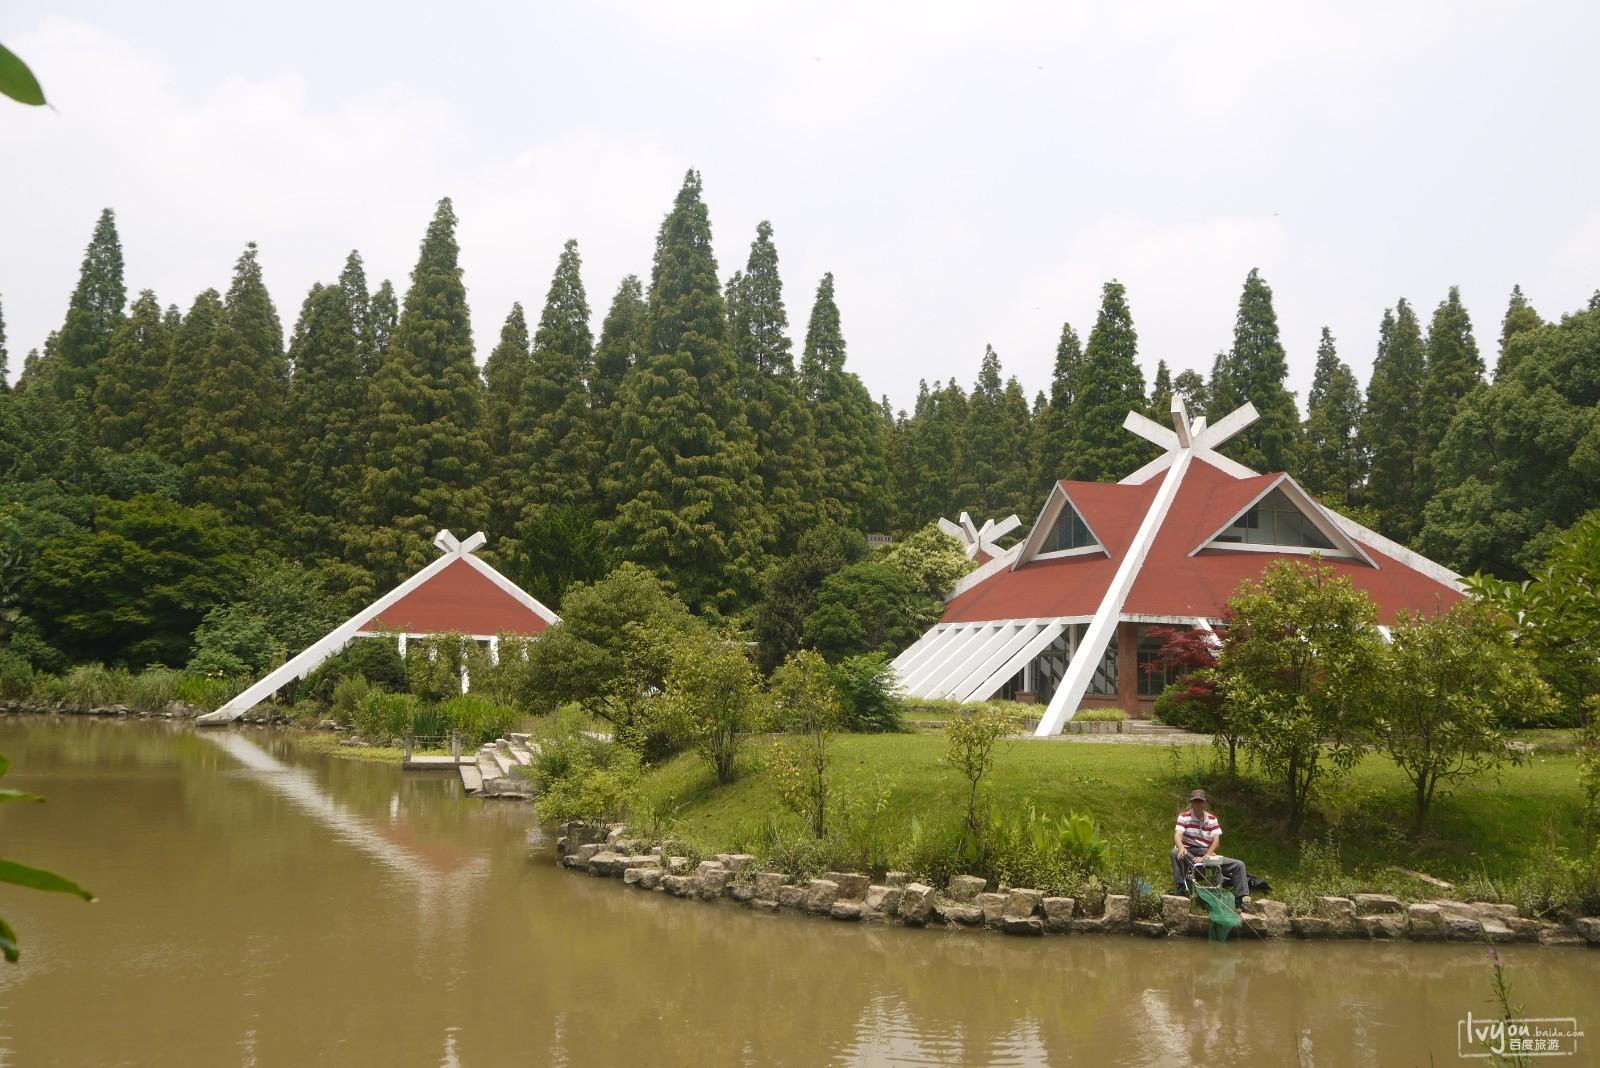 上海崇明岛一日行_崇明岛旅游攻略_百度旅游